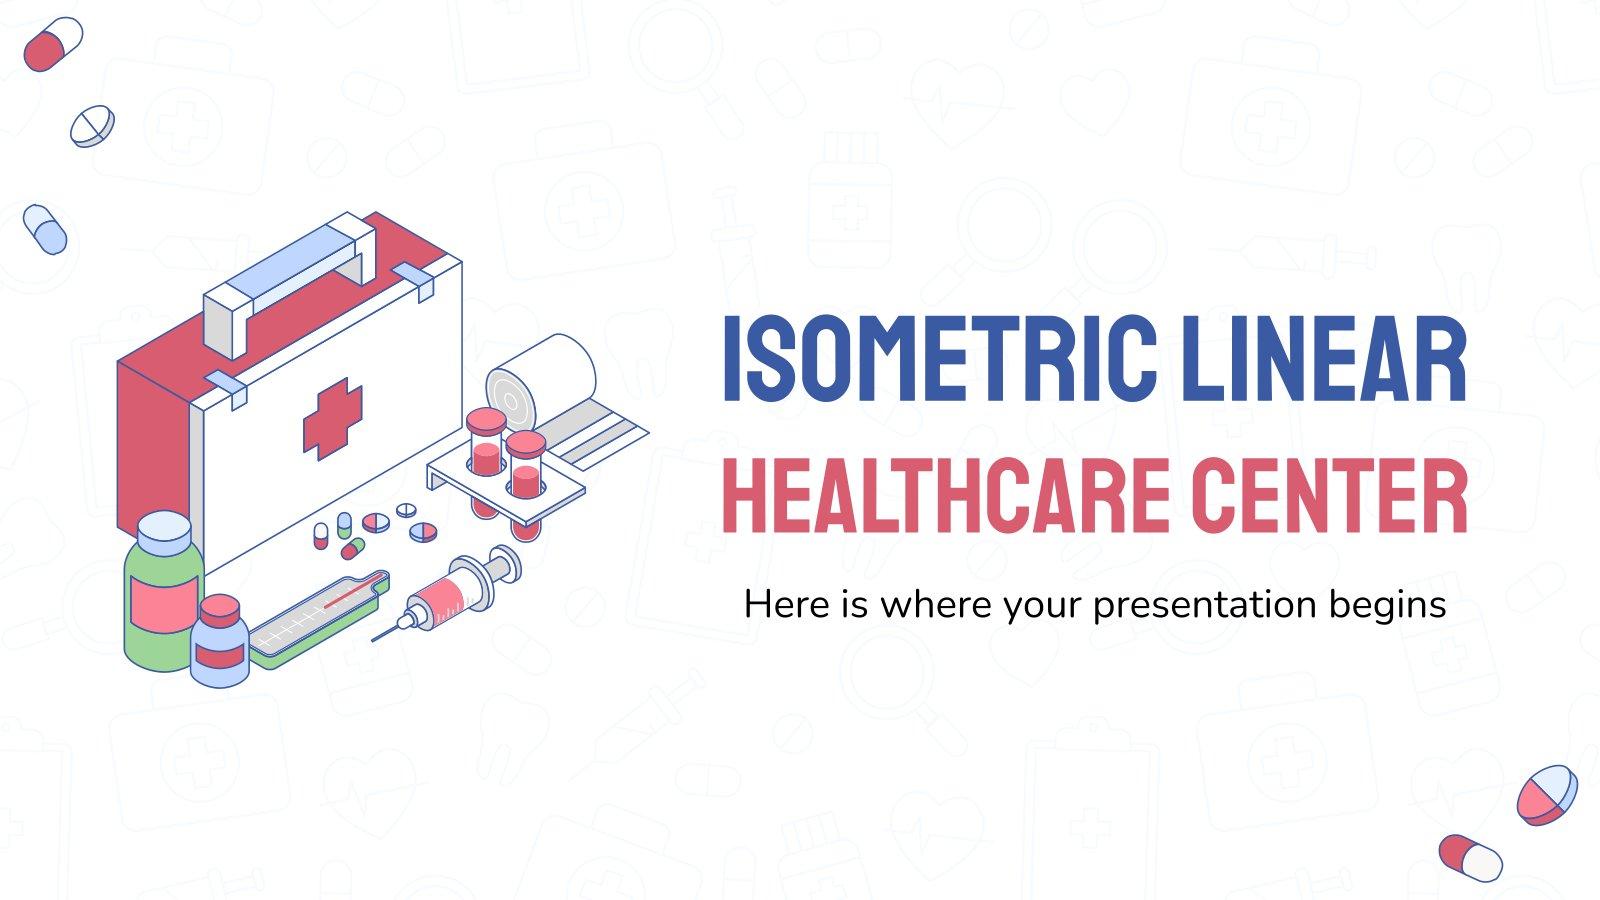 Modelo de apresentação Centro de saúde com design isométrico linear